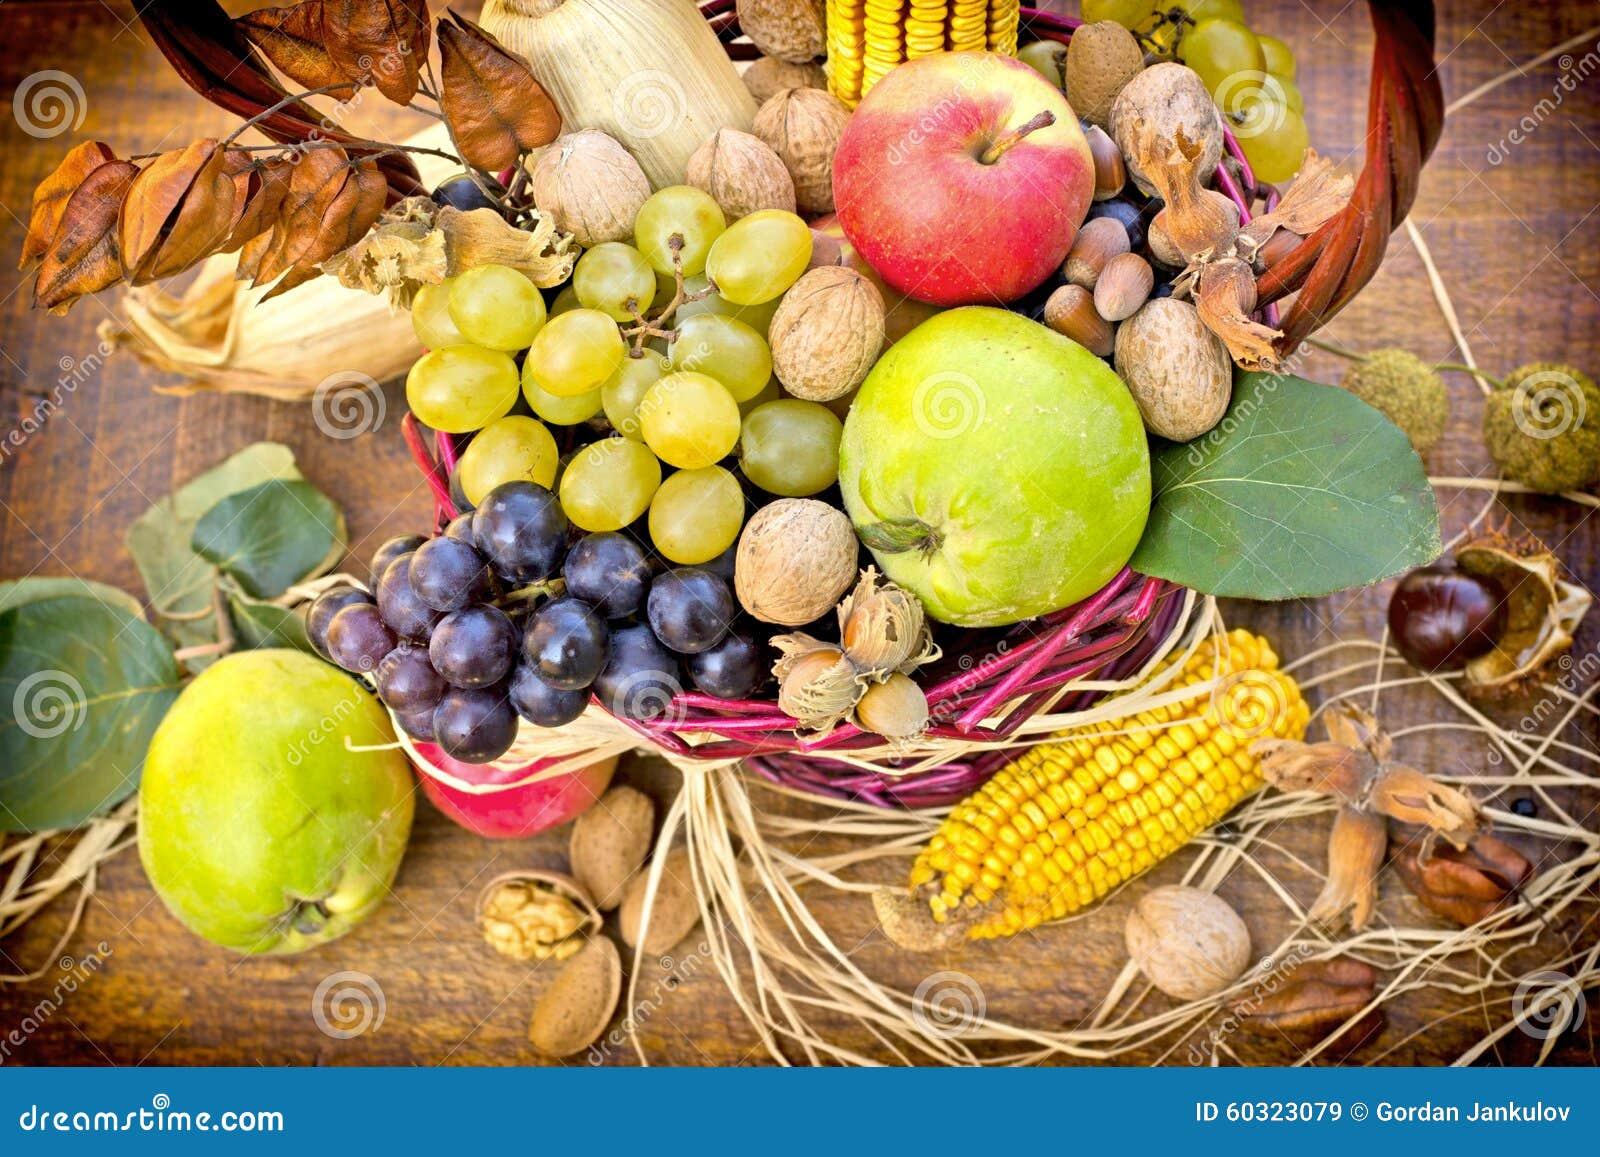 Herbsternte Saisonfruchte Stockbild Bild Von Pfeiler Frisch